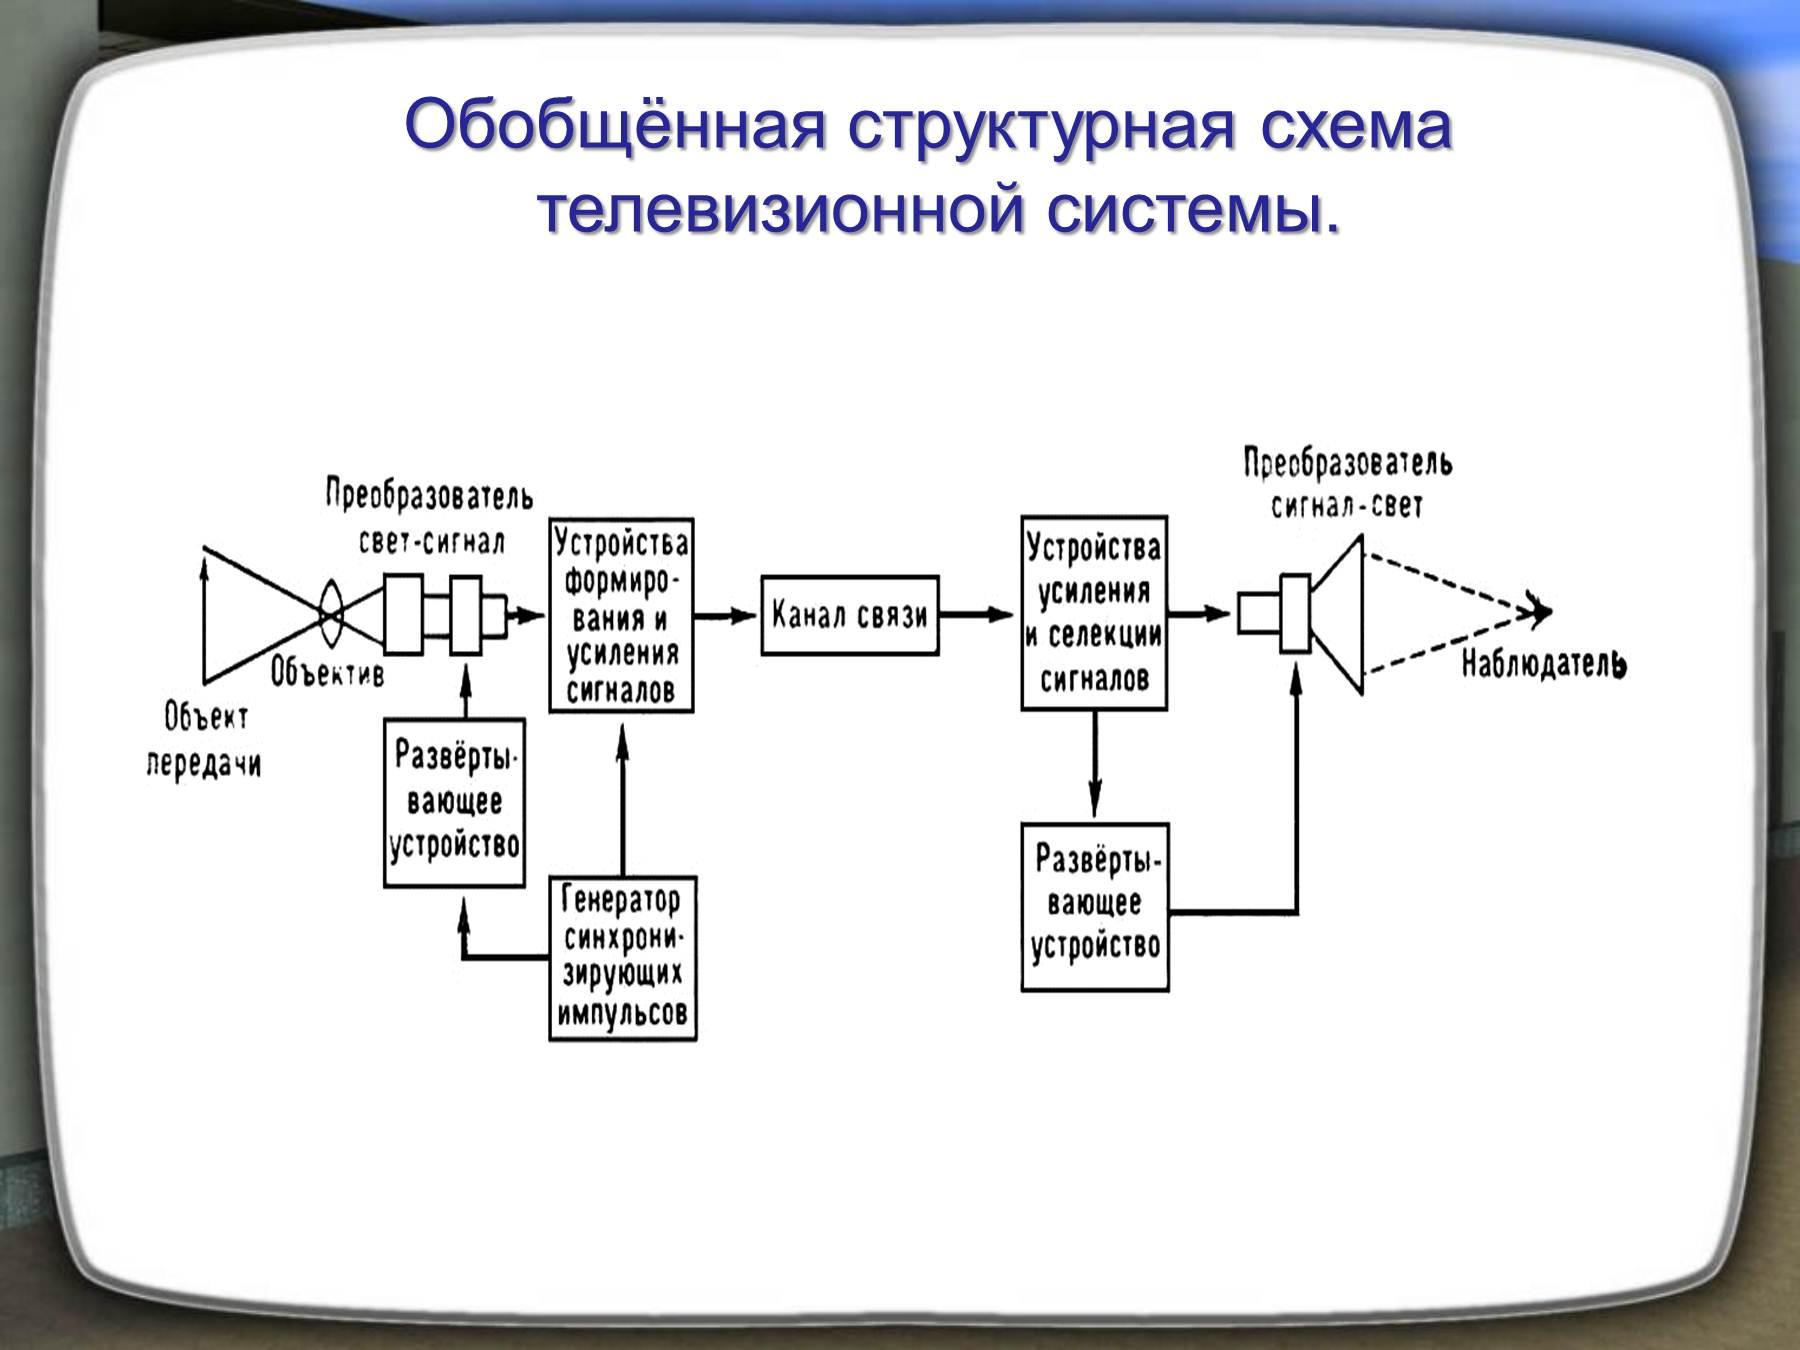 Параллельная структурная схема надежности